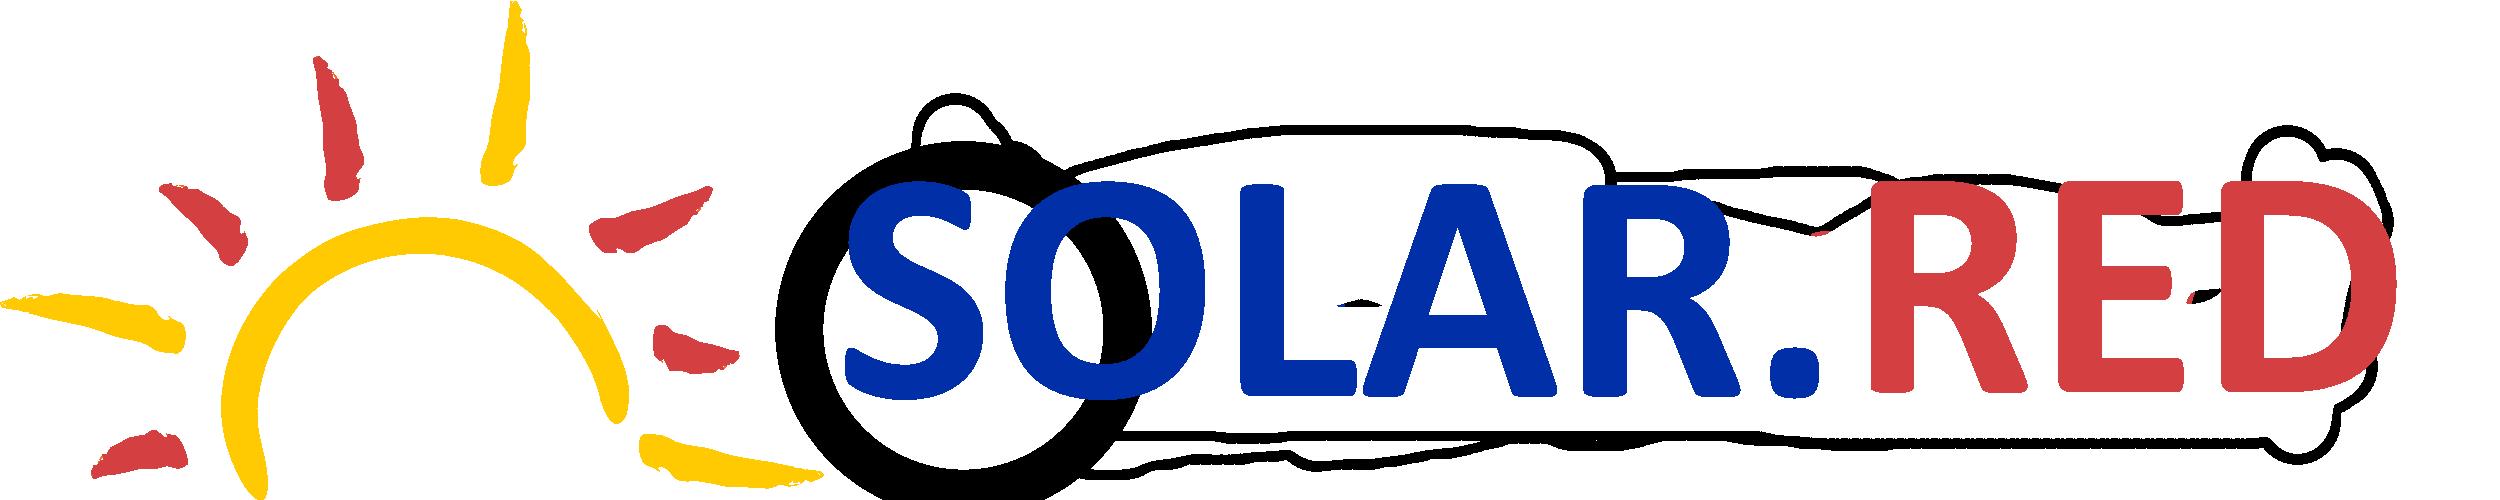 Solar.red | Photovoltaik für Unternehmen